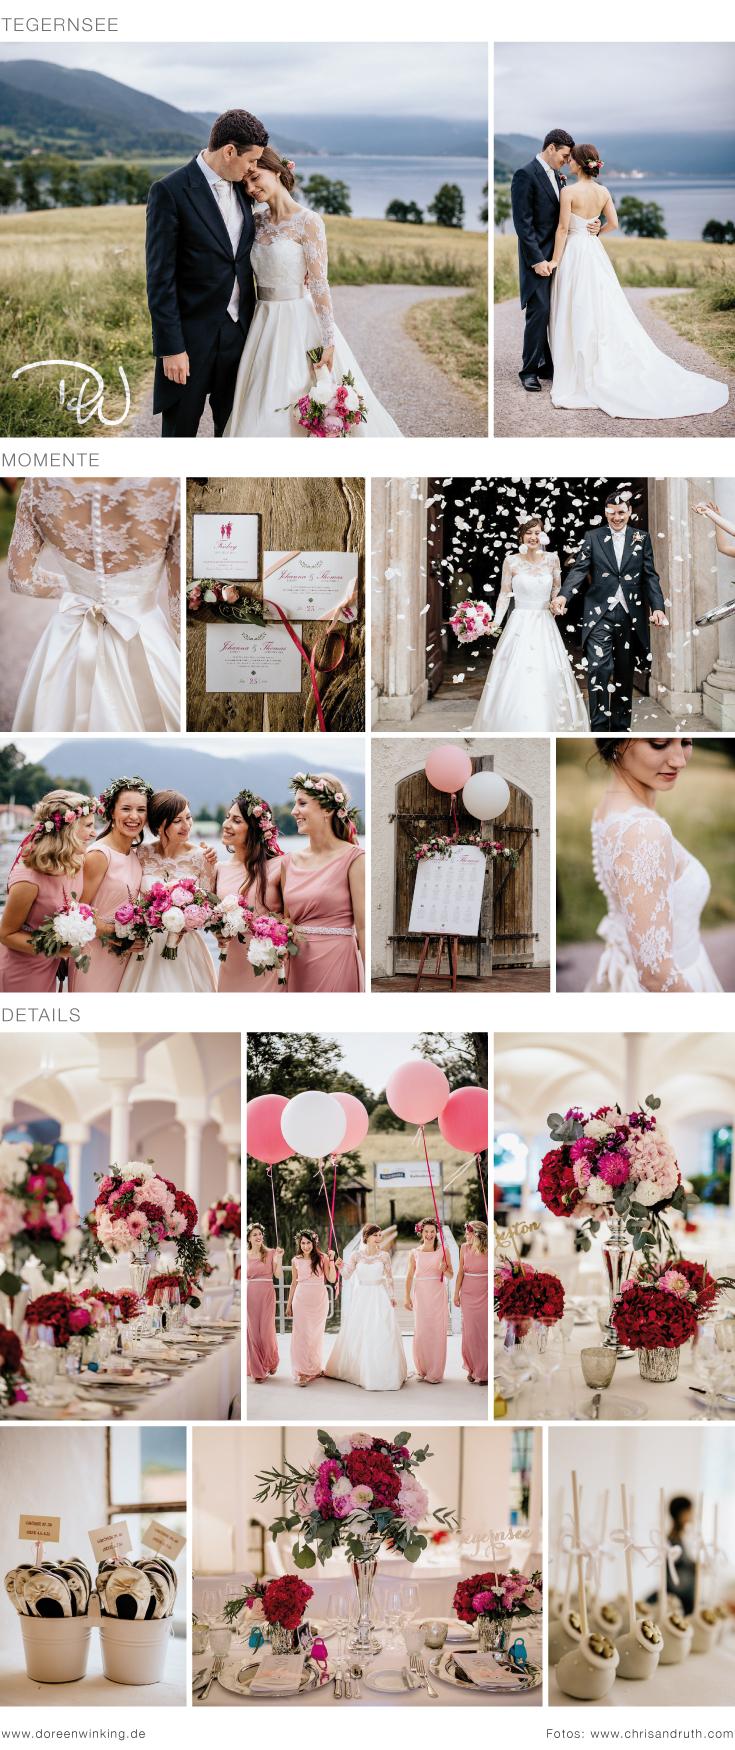 Tegernsee, Hochzeit, Hochzeitsplaner